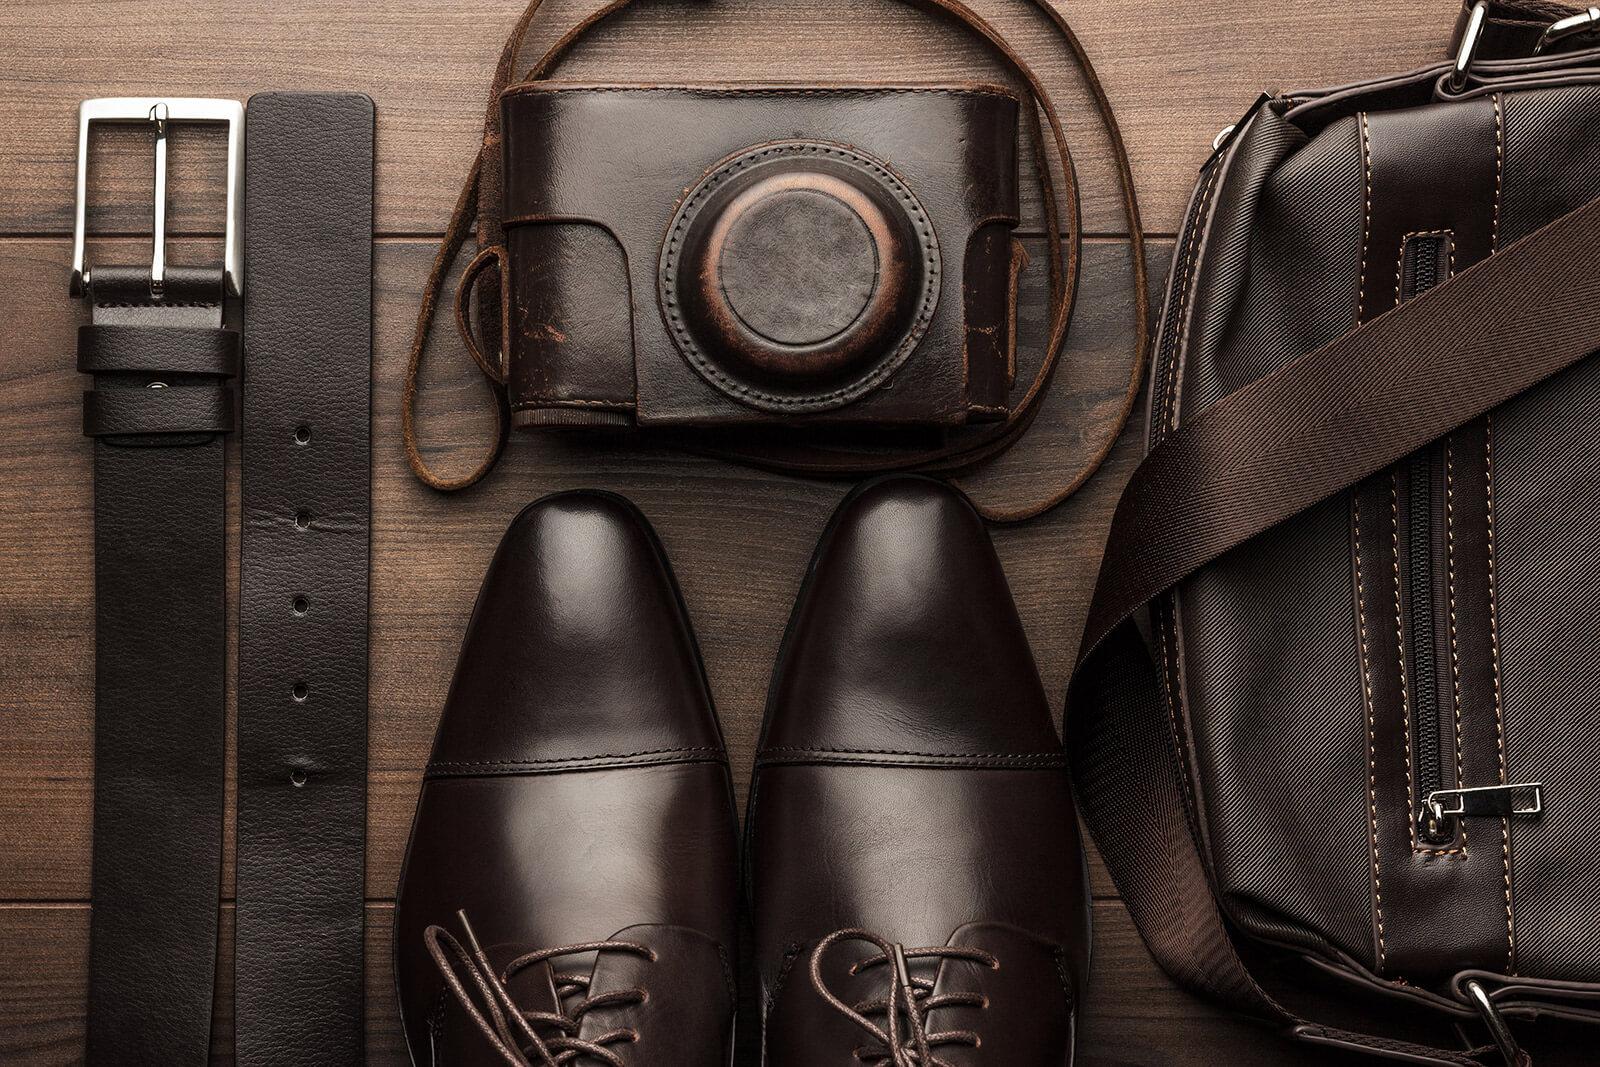 6 съвета за поддържане на безупречния вид на кожените дрехи и аксесоари